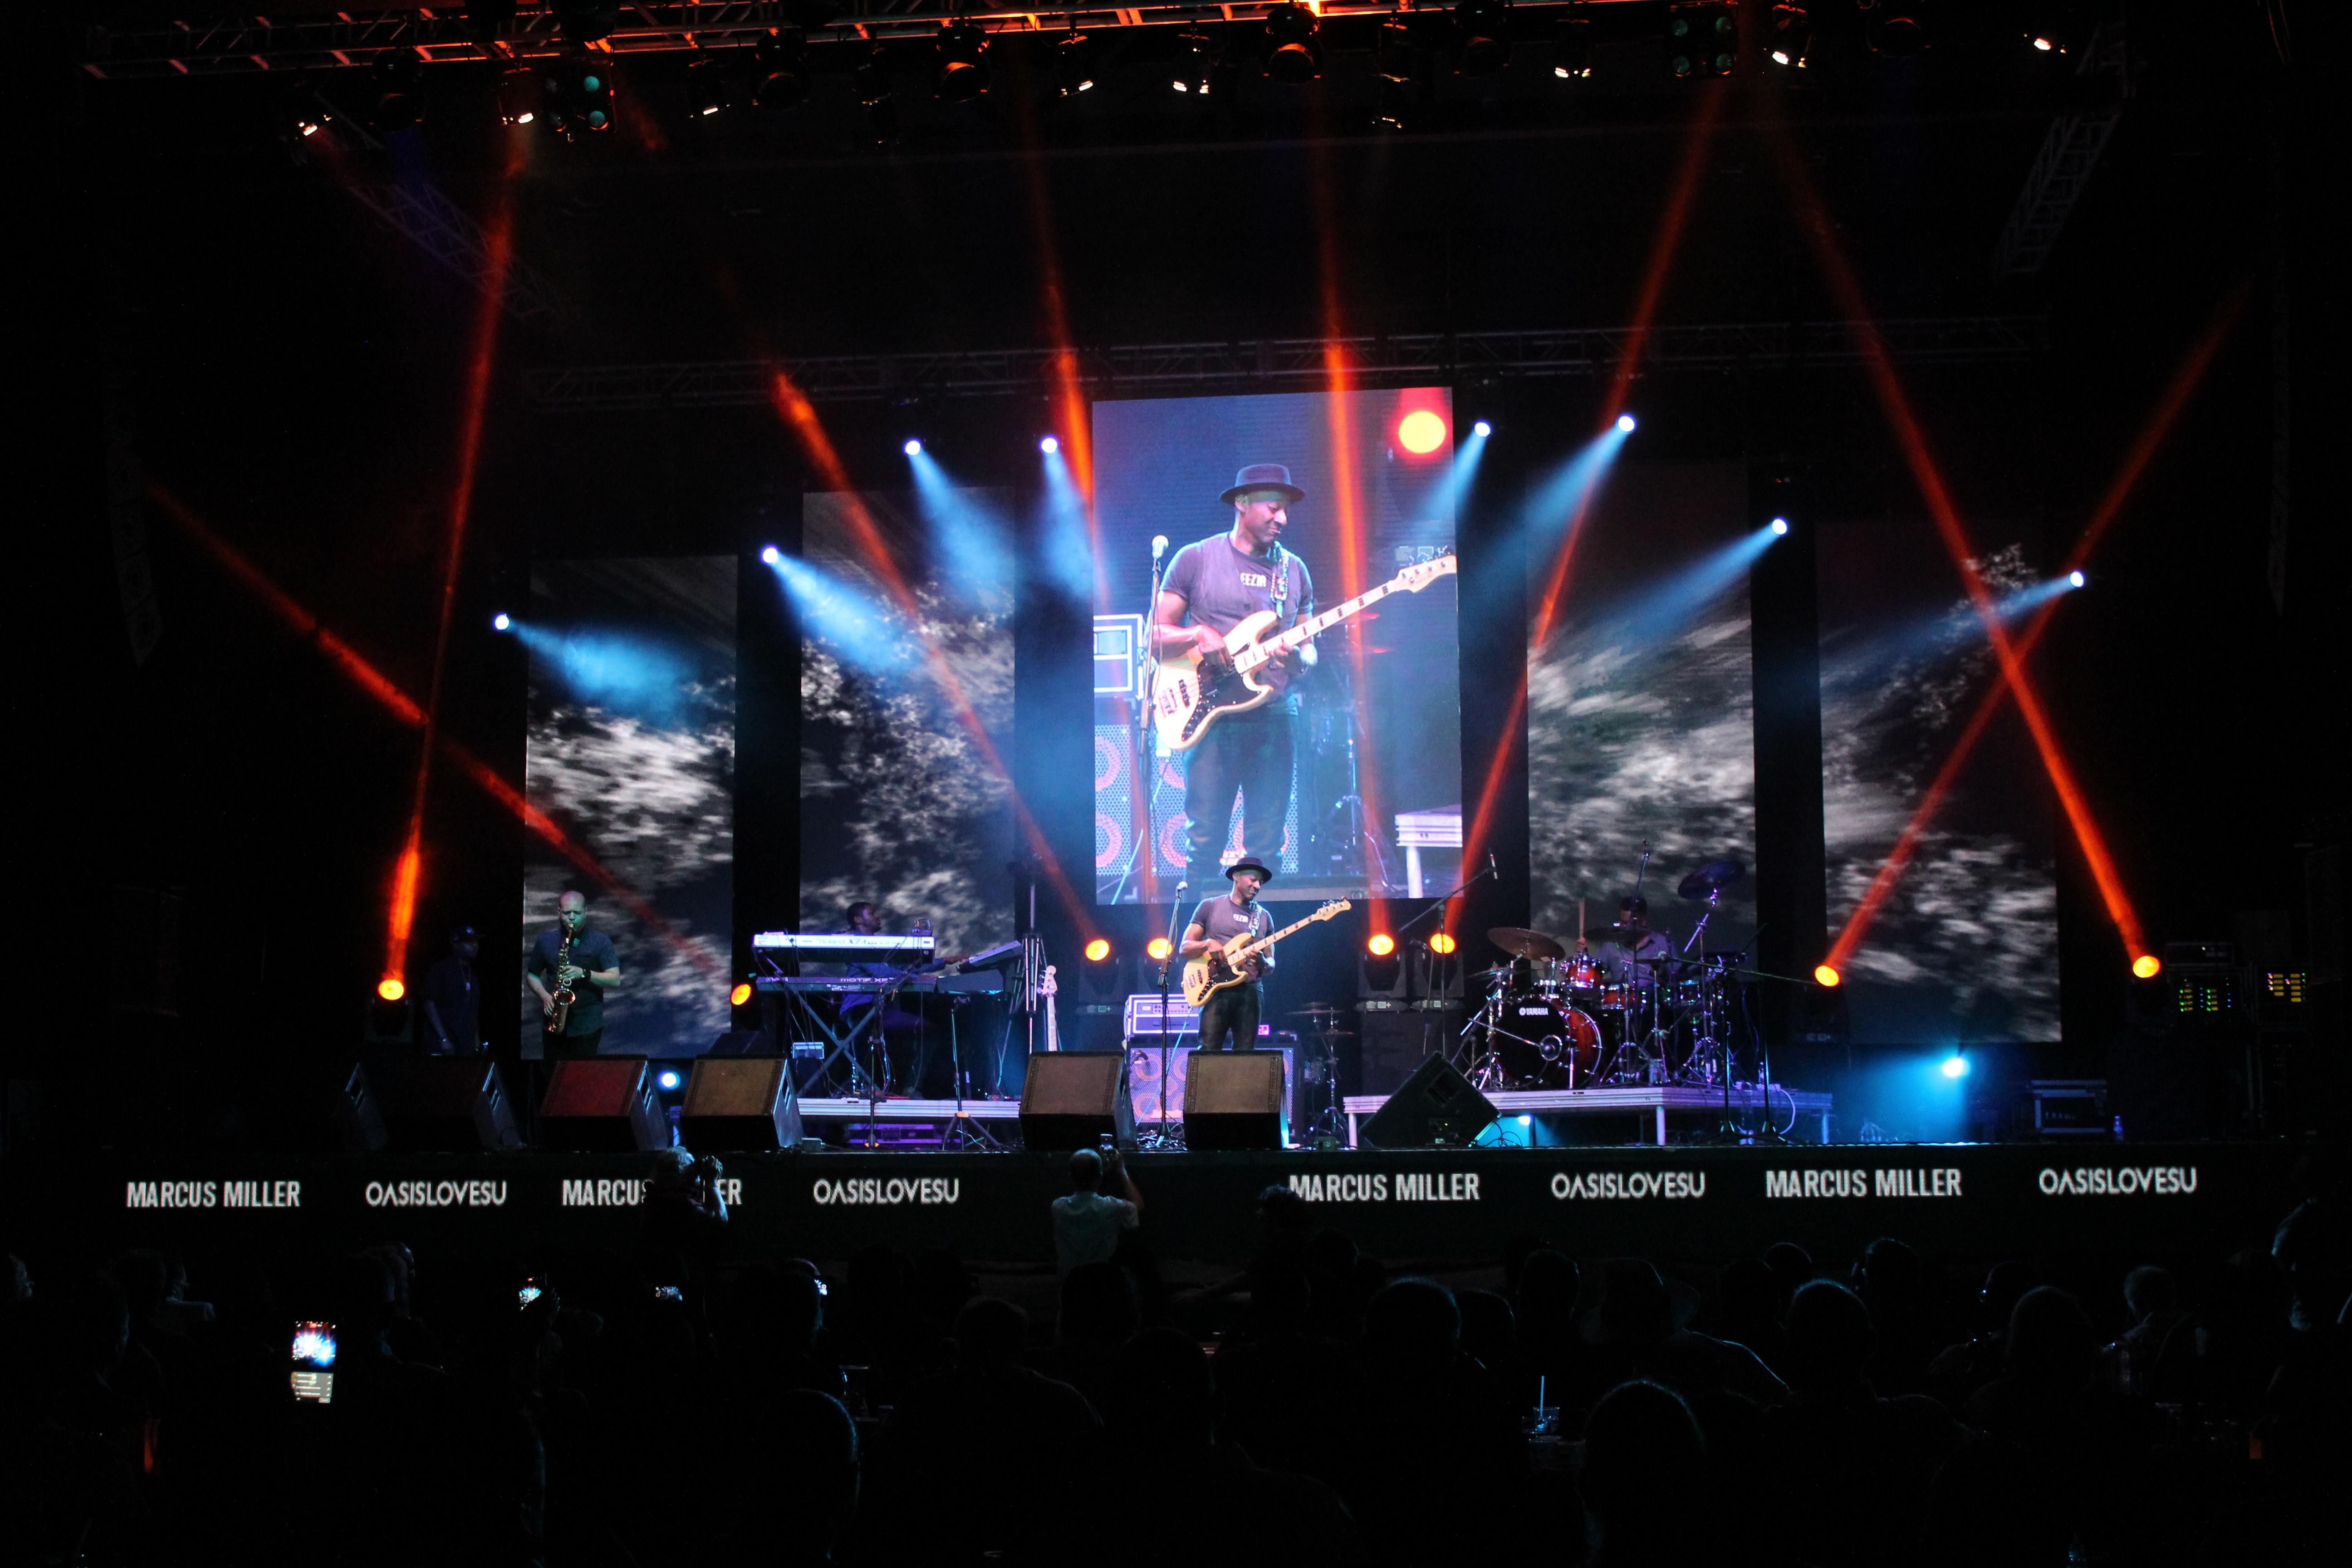 Oasis Jazz U; más que un evento, historias, sueños y pasión por la música